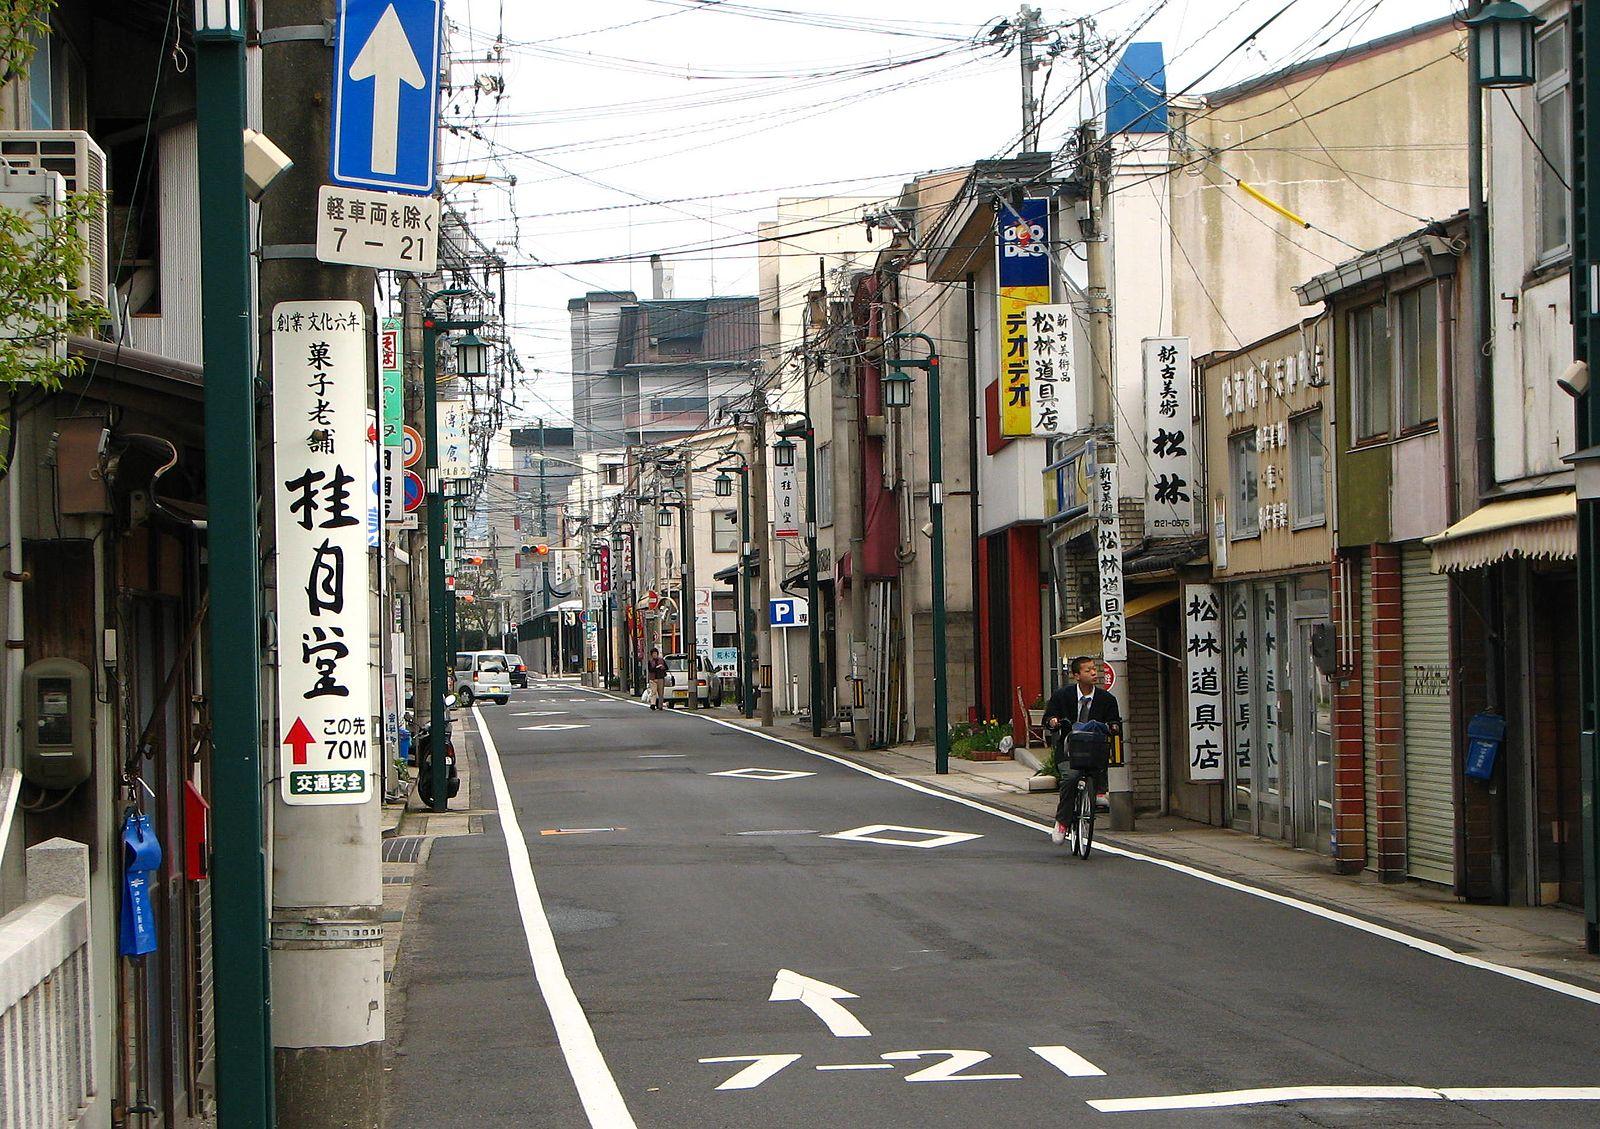 島根県の土地価格の今後の見通し